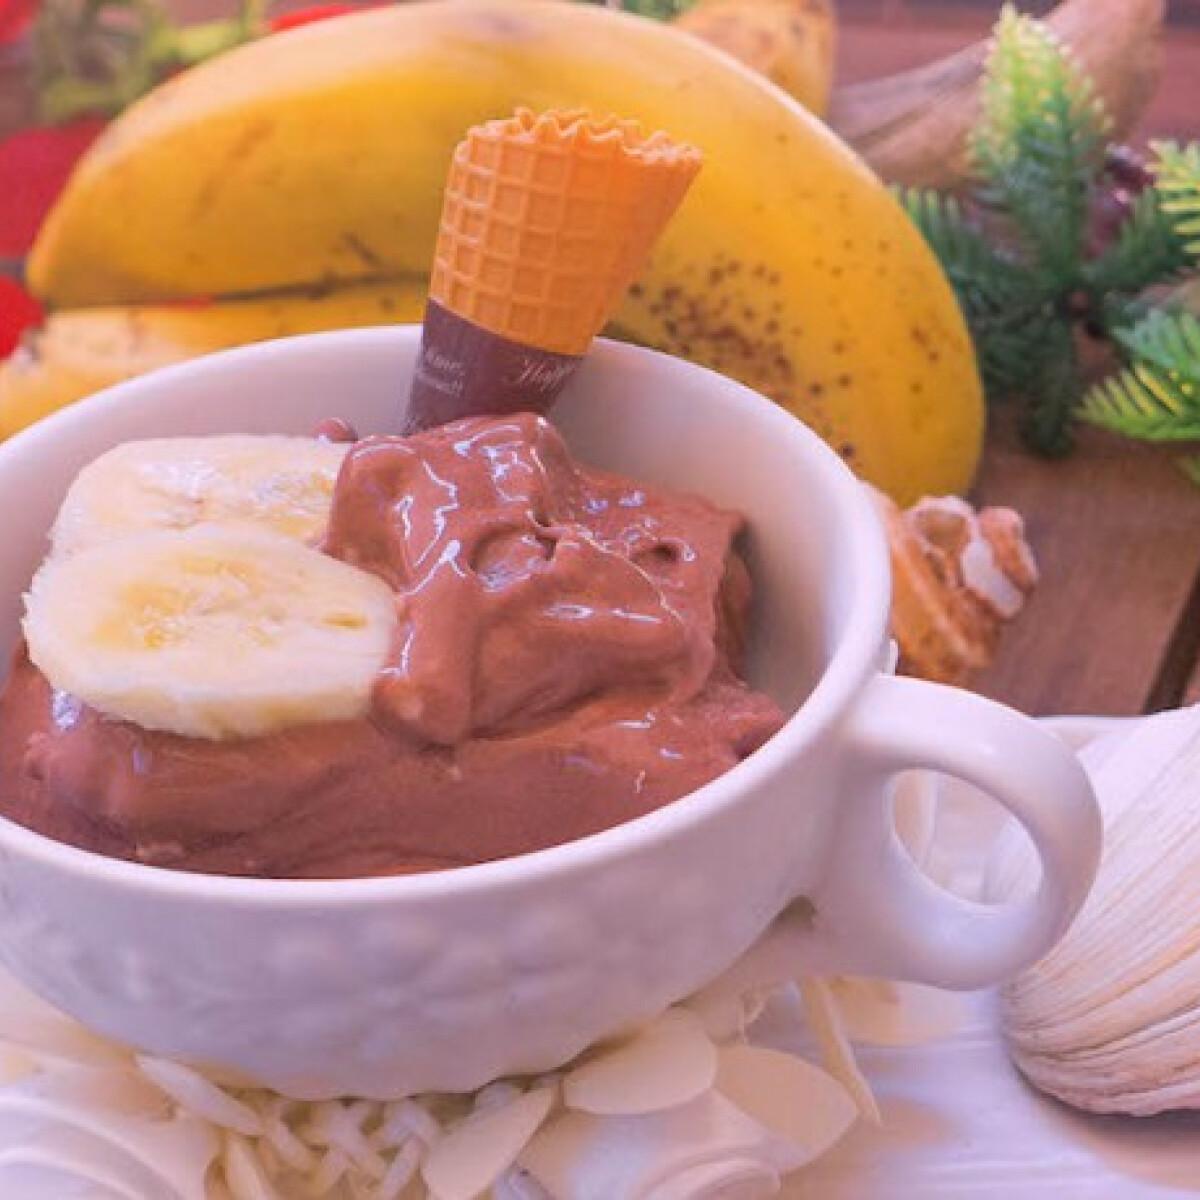 Ezen a képen: Kókuszos-csokis banánfagylalt